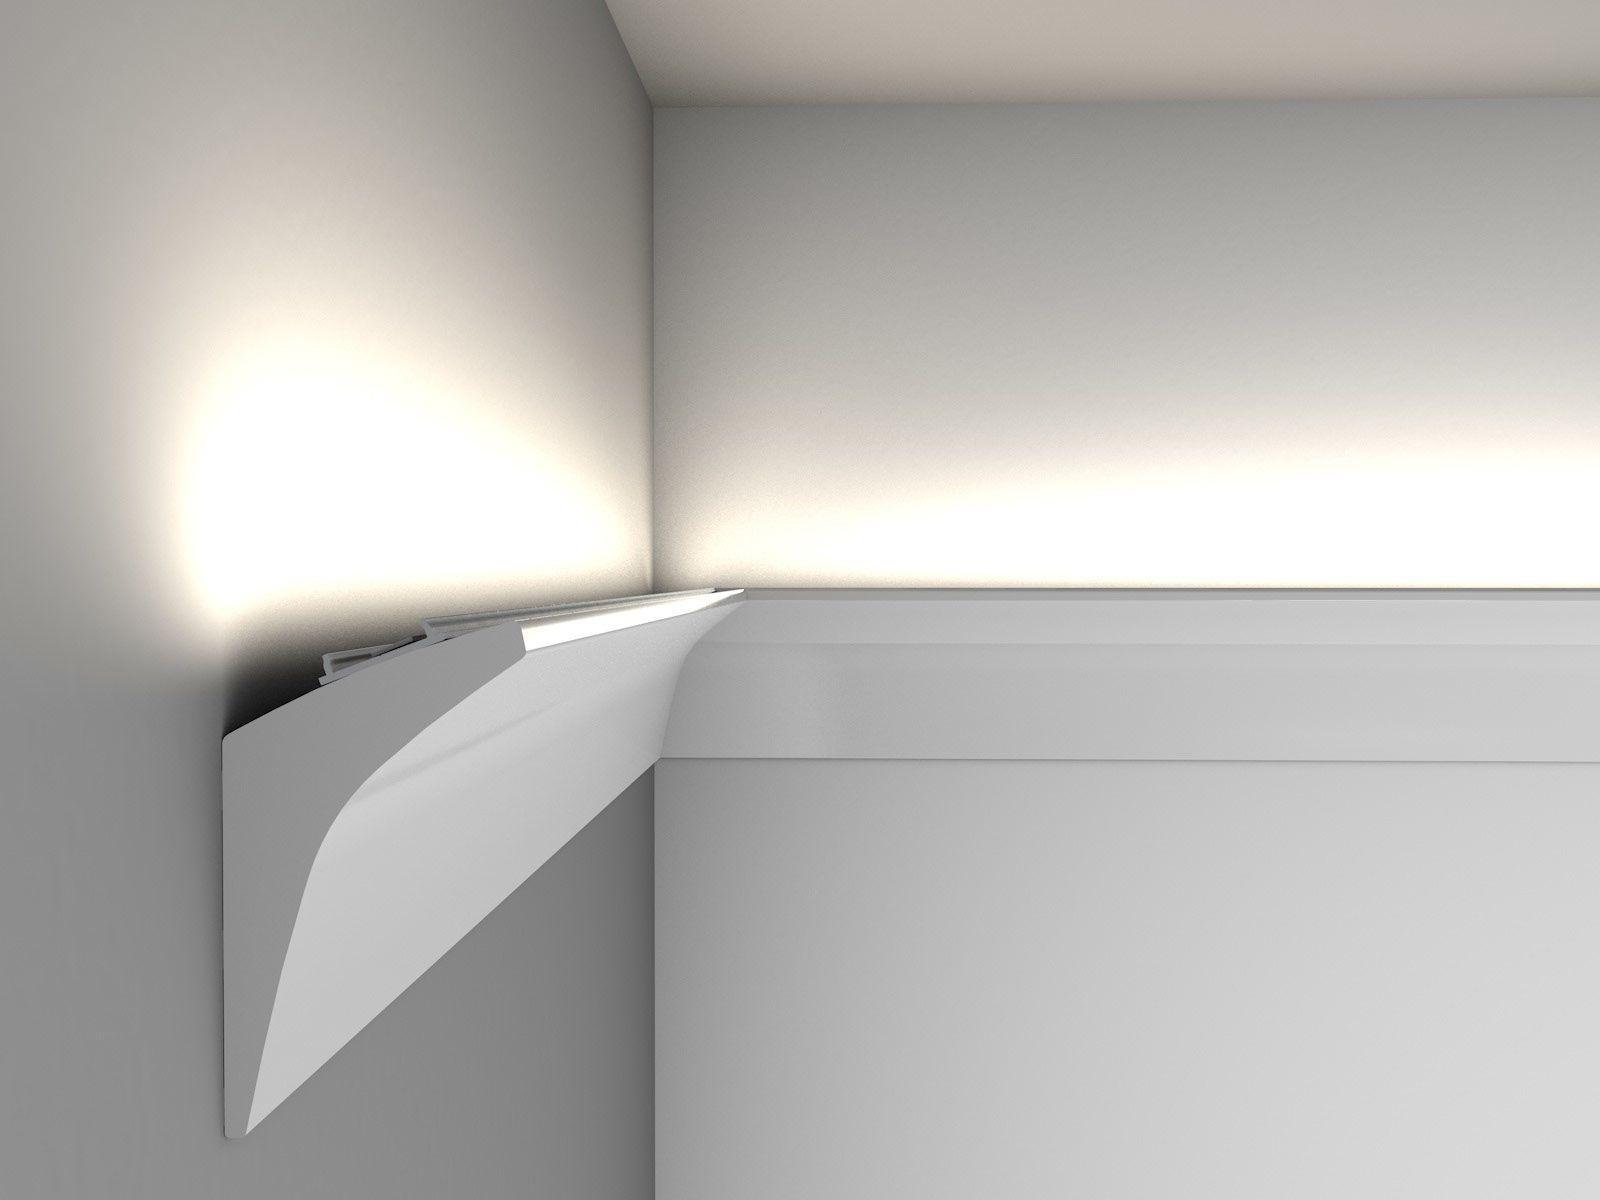 Led Lichtvoutenprofil Lv1 Beleuchtung Wohnzimmer Indirekte Beleuchtung Licht